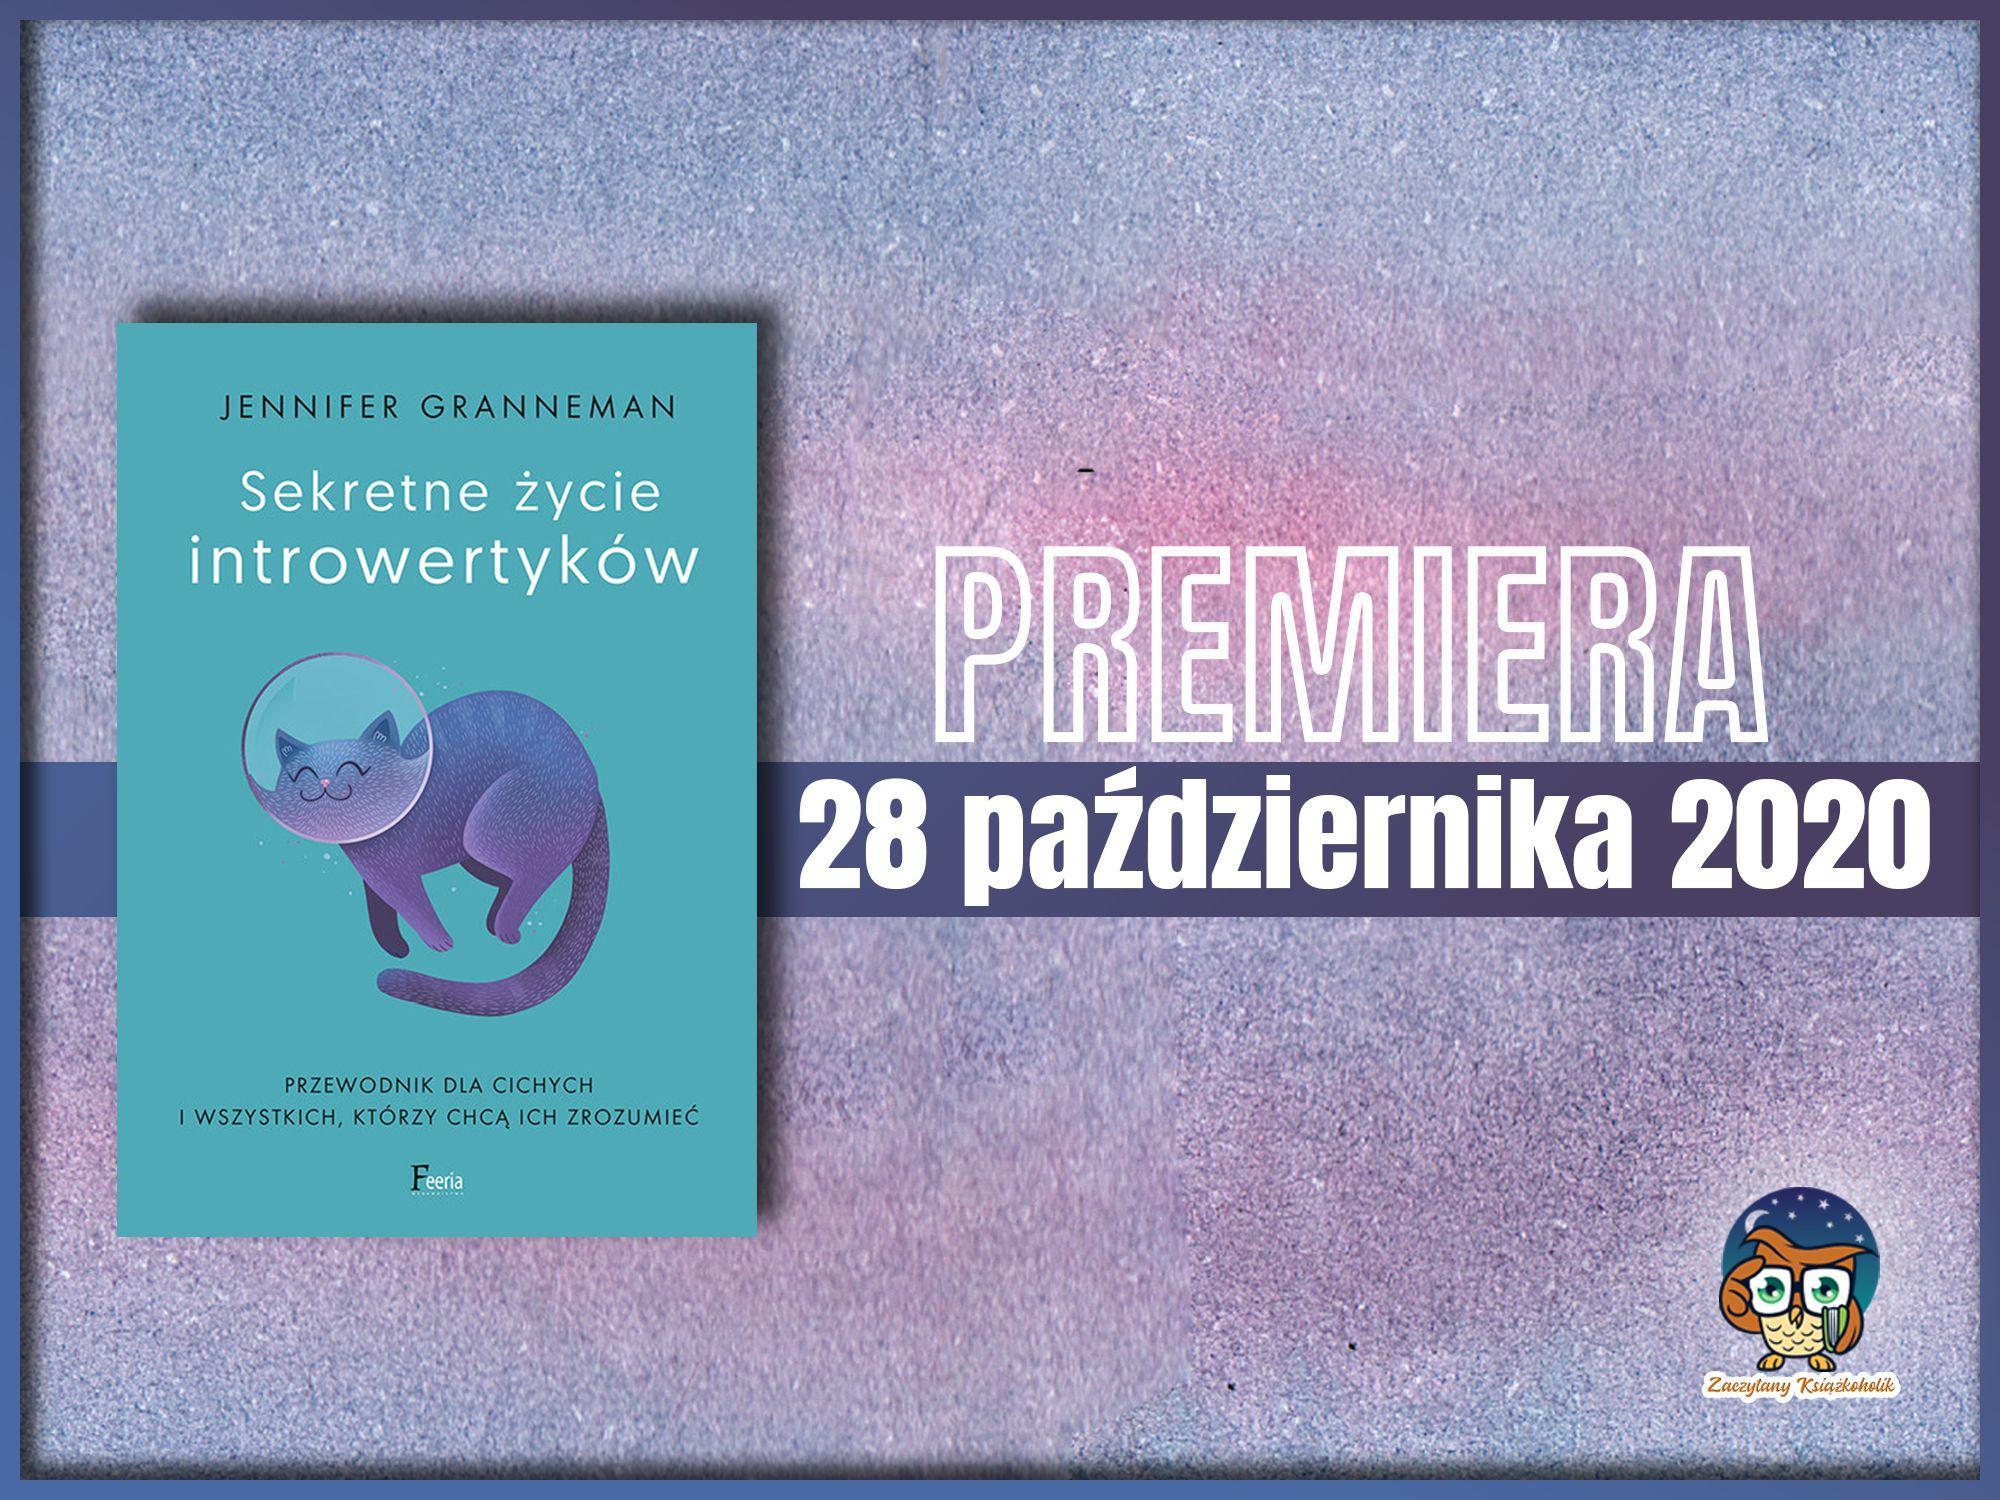 Sekretne życie introwertyków, Jennifer Granneman, zaczytanyksiazkoholik.pl